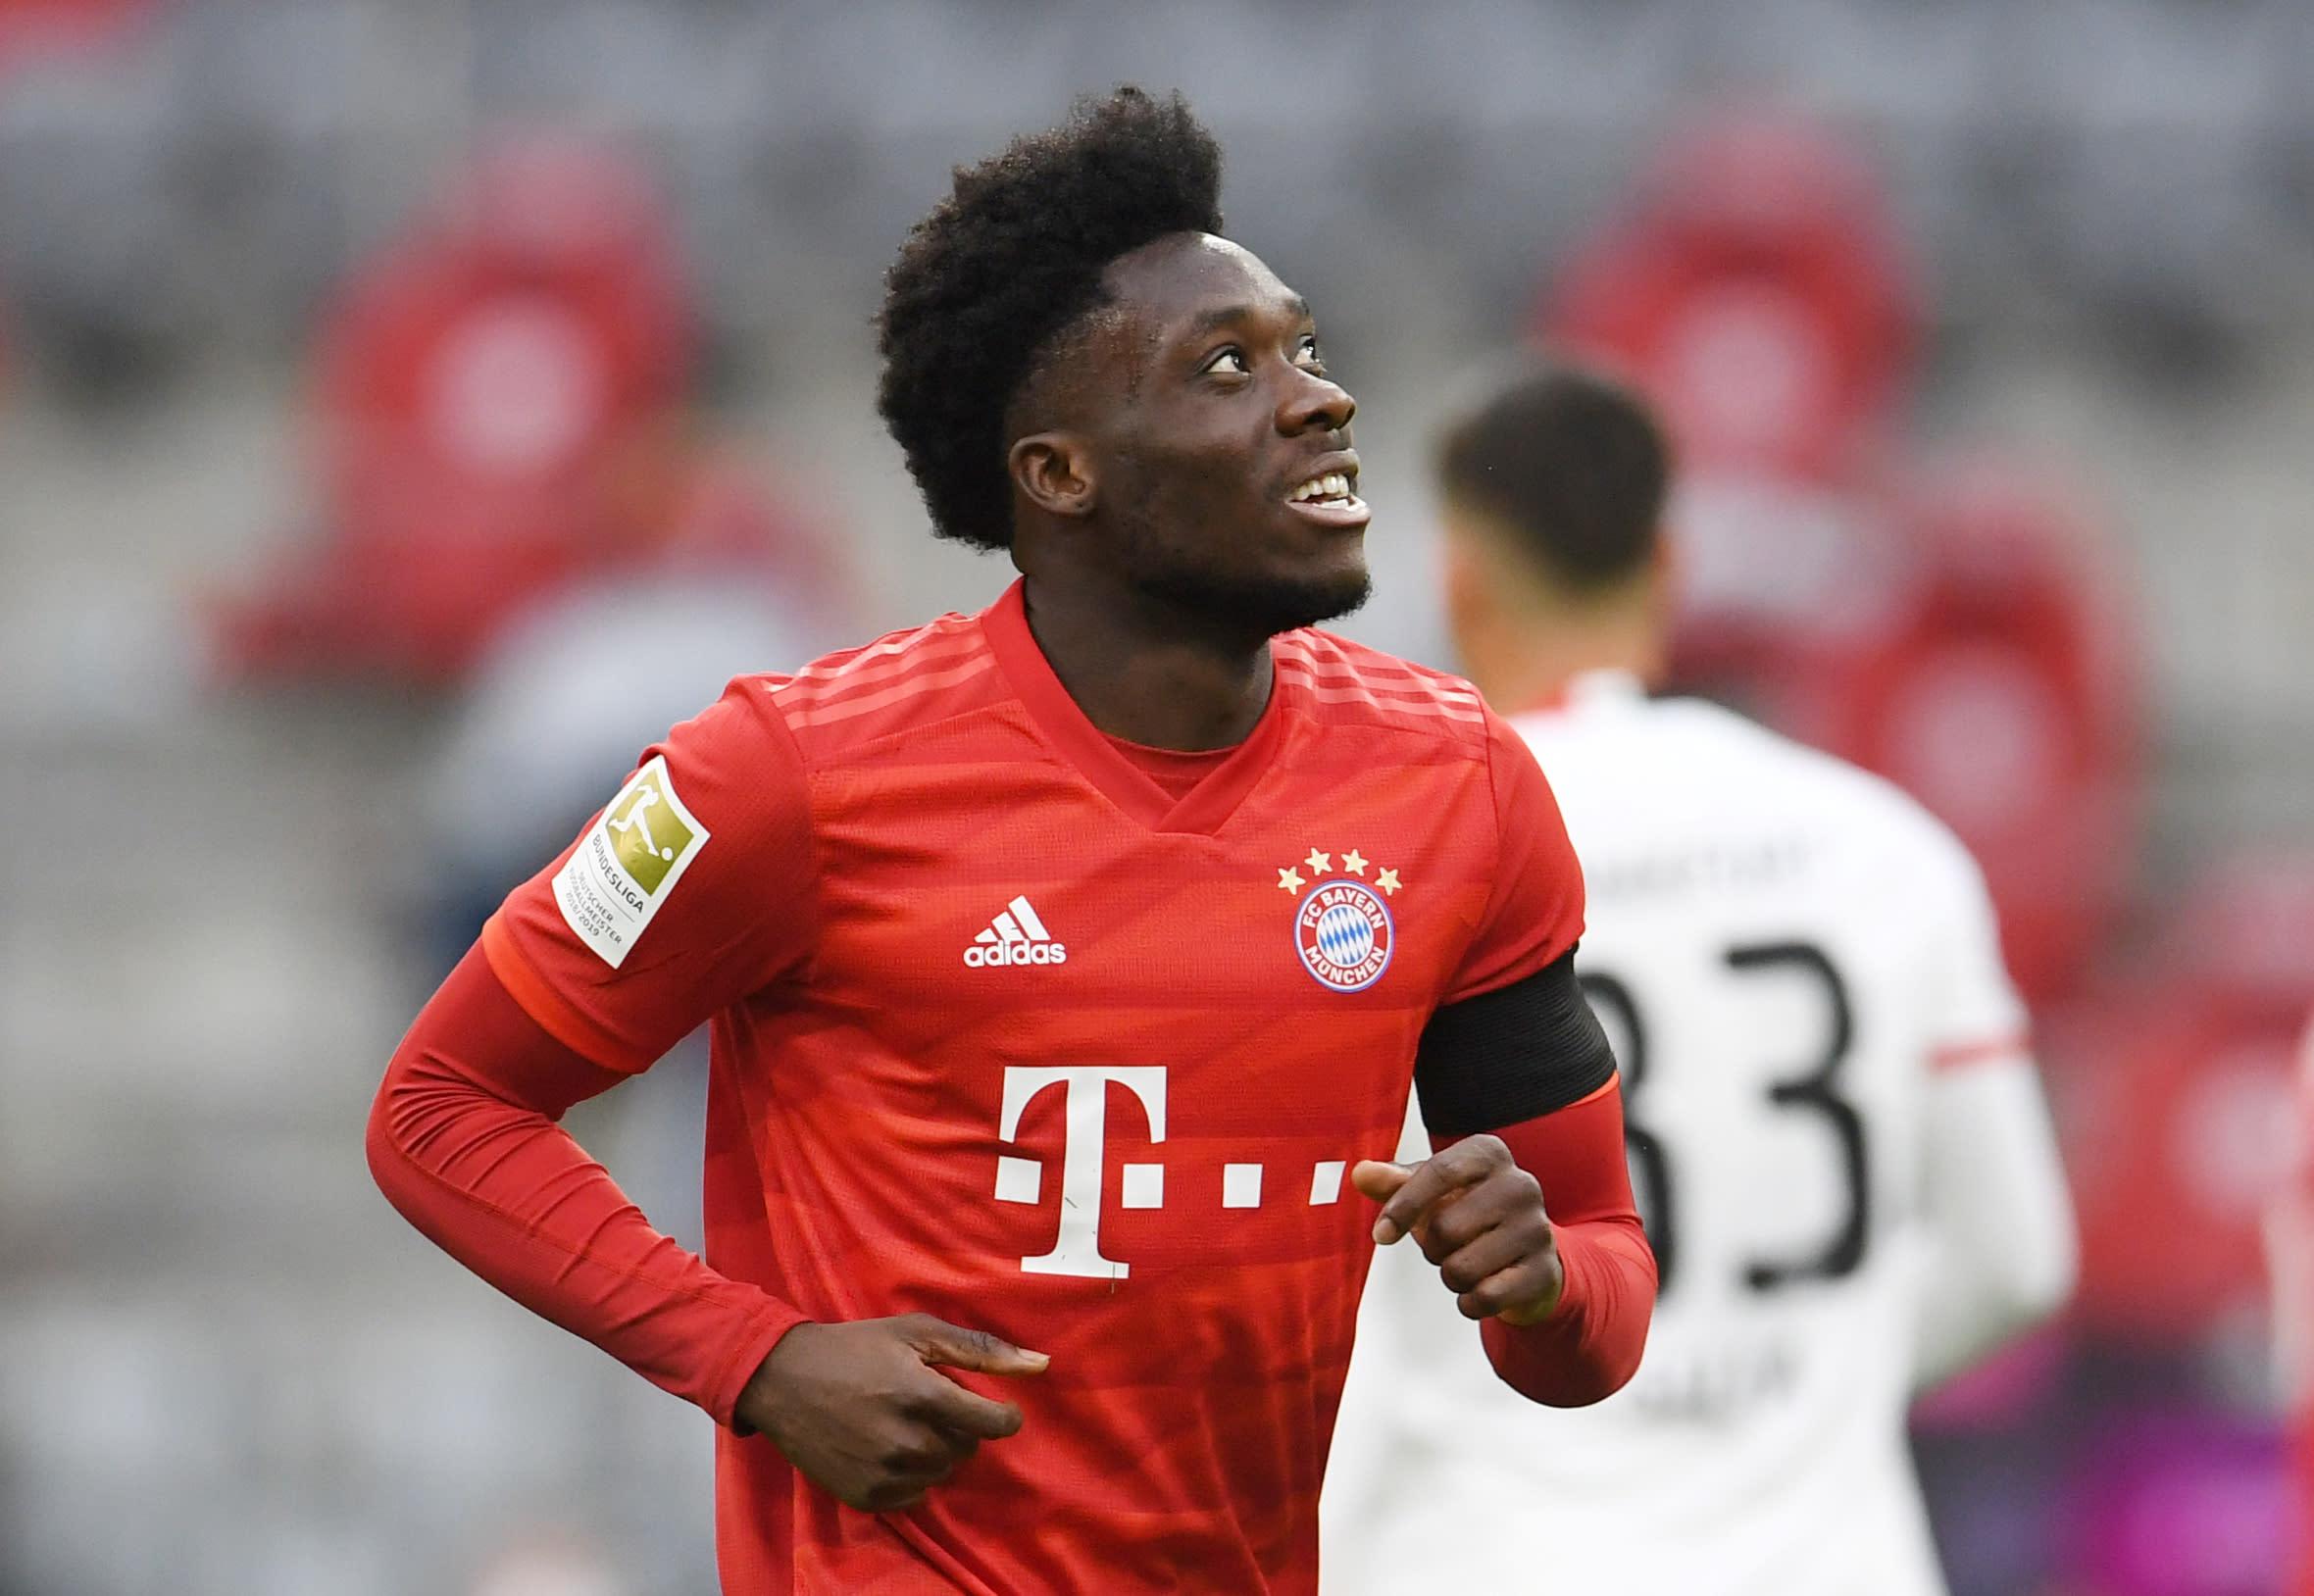 Bundesliga: Alphonso Davies stars as Bayern Munich wins big